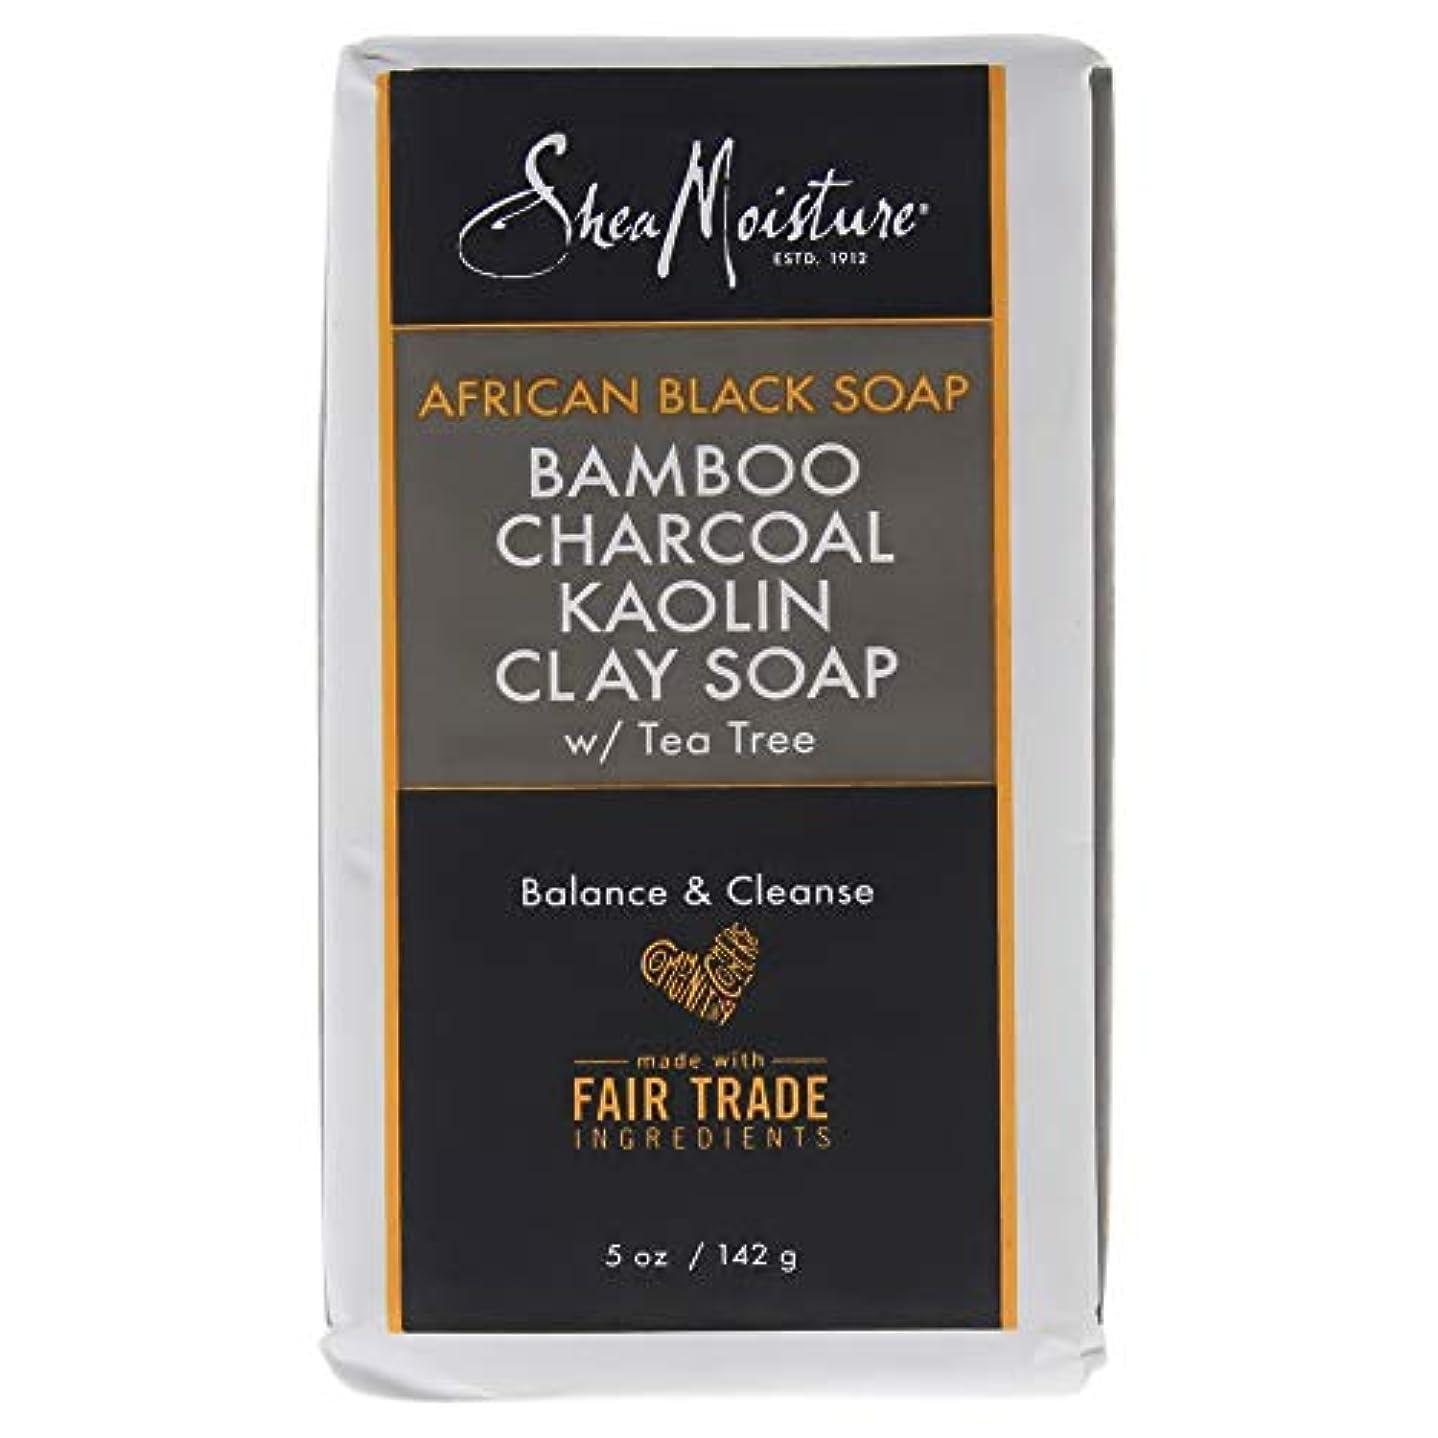 クラシカル改善交渉するAfrican Black Soap Bamboo Charcoal Kaolin Clay Soap